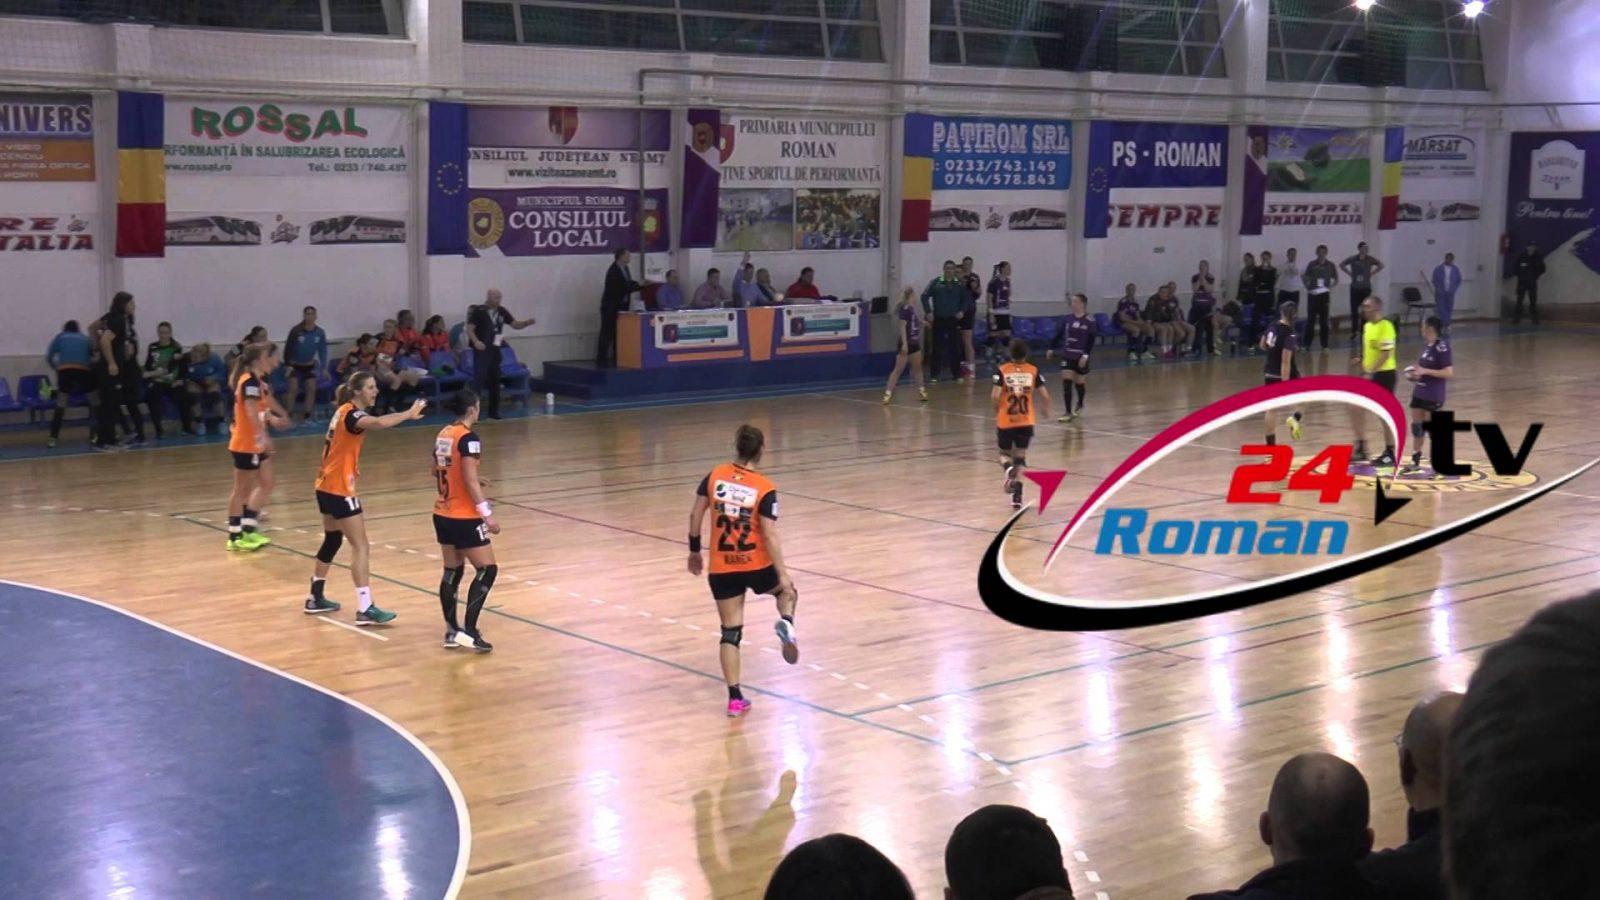 Ultimul minut din meciul de handbal Hcm Roman – Csm Bucuresti